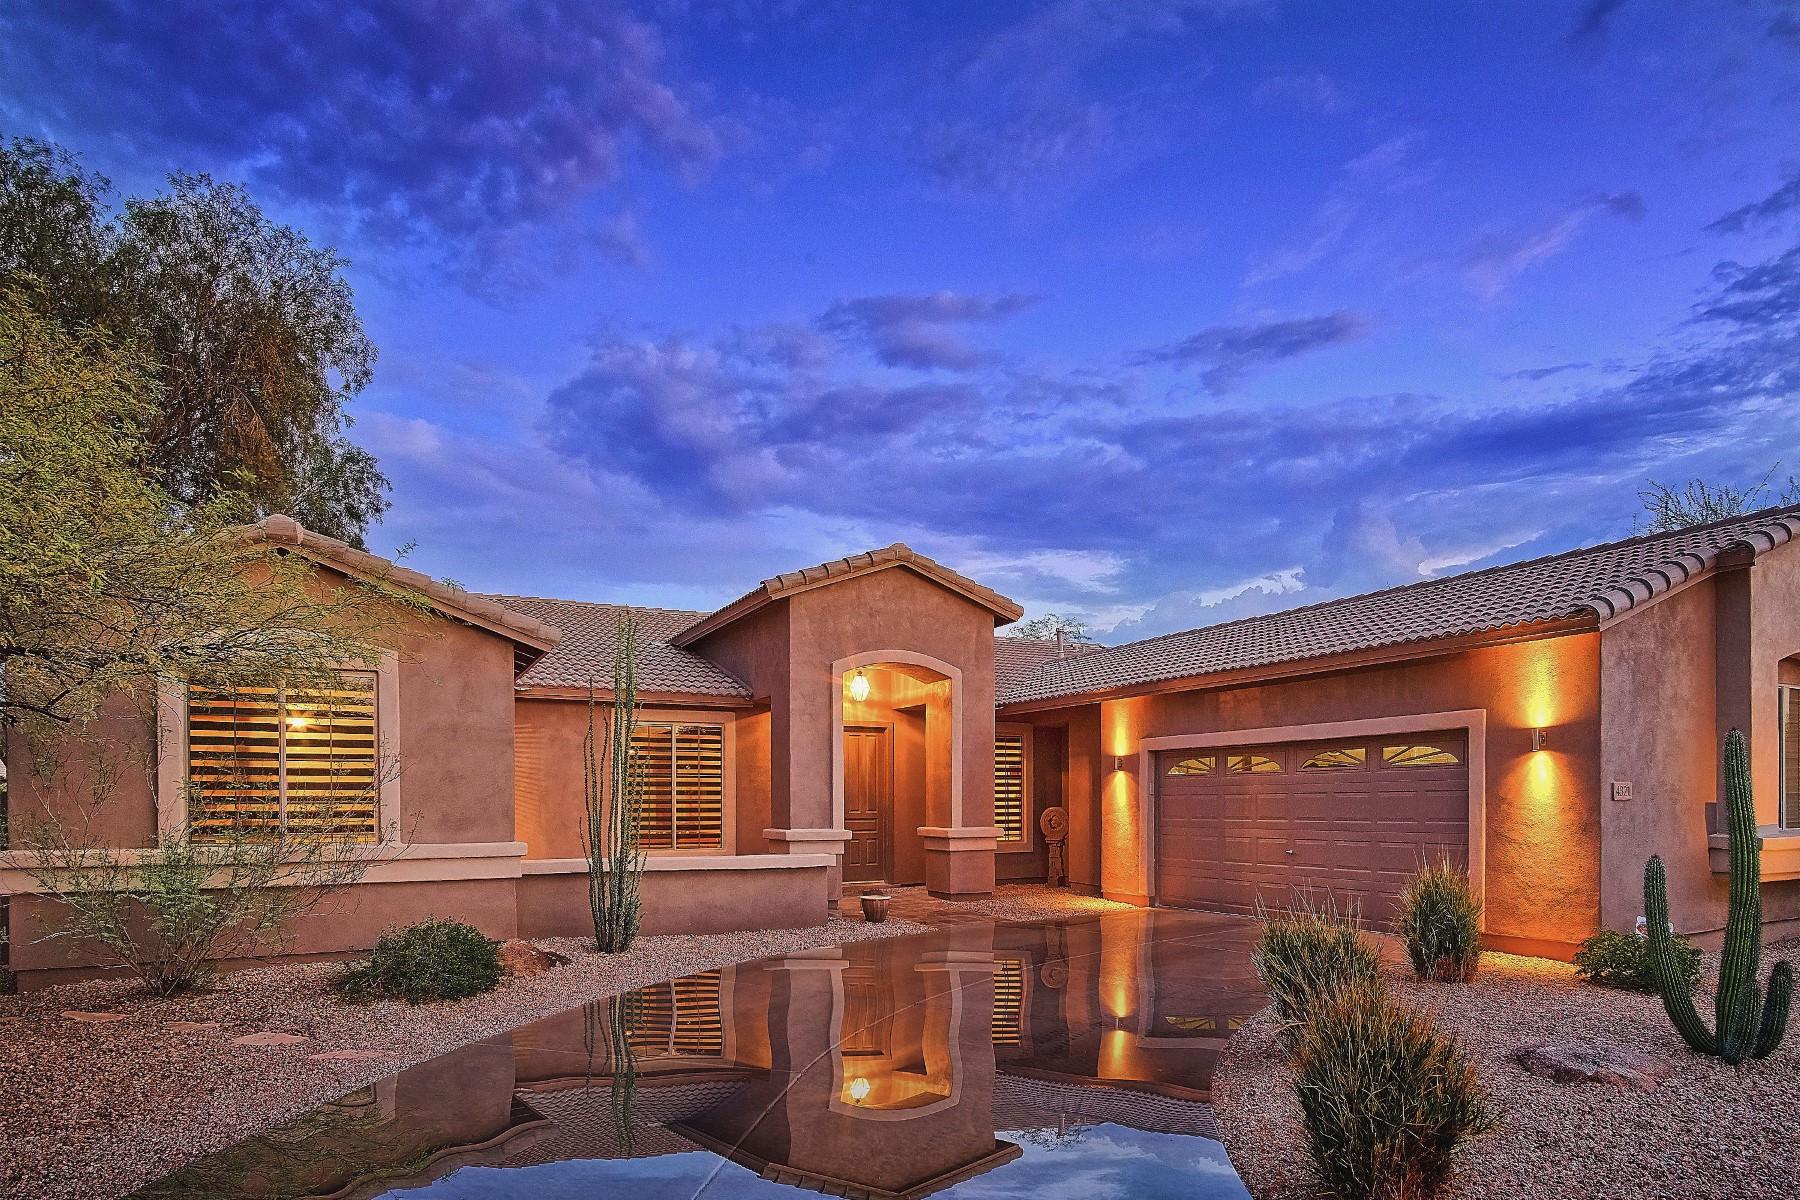 Частный односемейный дом для того Продажа на Charming Dove Valley Ranch home 4321 E Happy Coyote Trl Cave Creek, Аризона, 85331 Соединенные Штаты